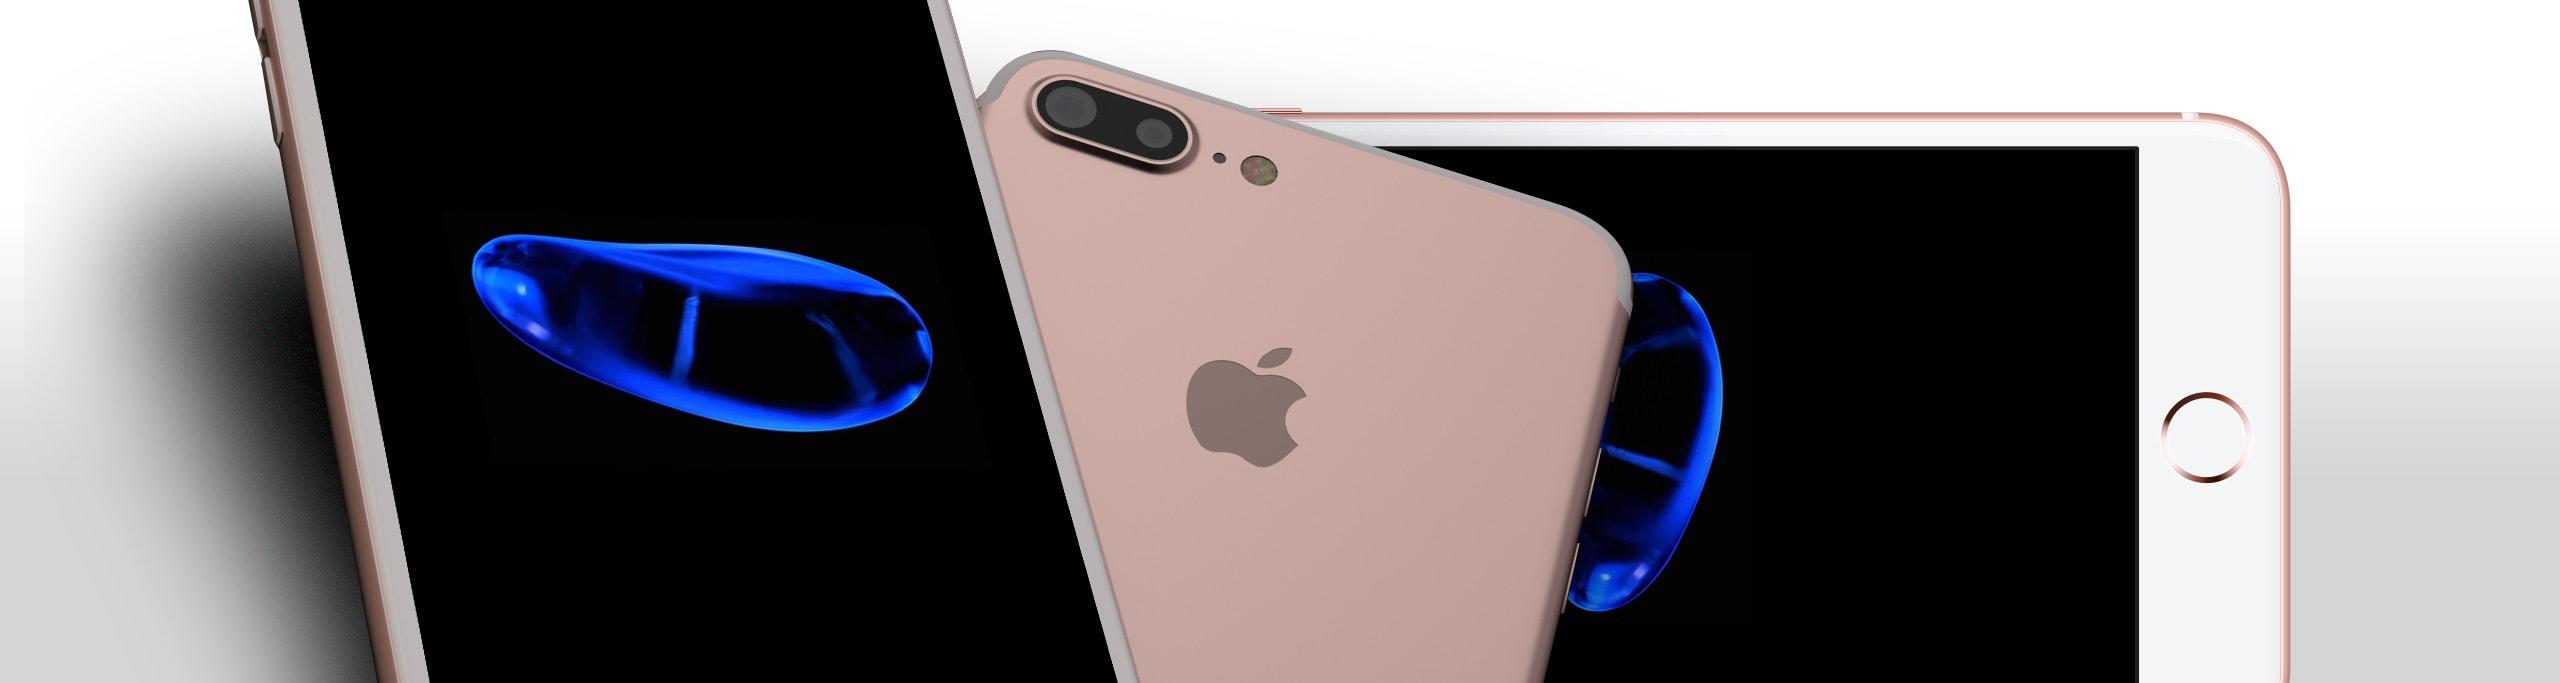 iPhone 7 Plus (A1661 / A1784 / A1785)